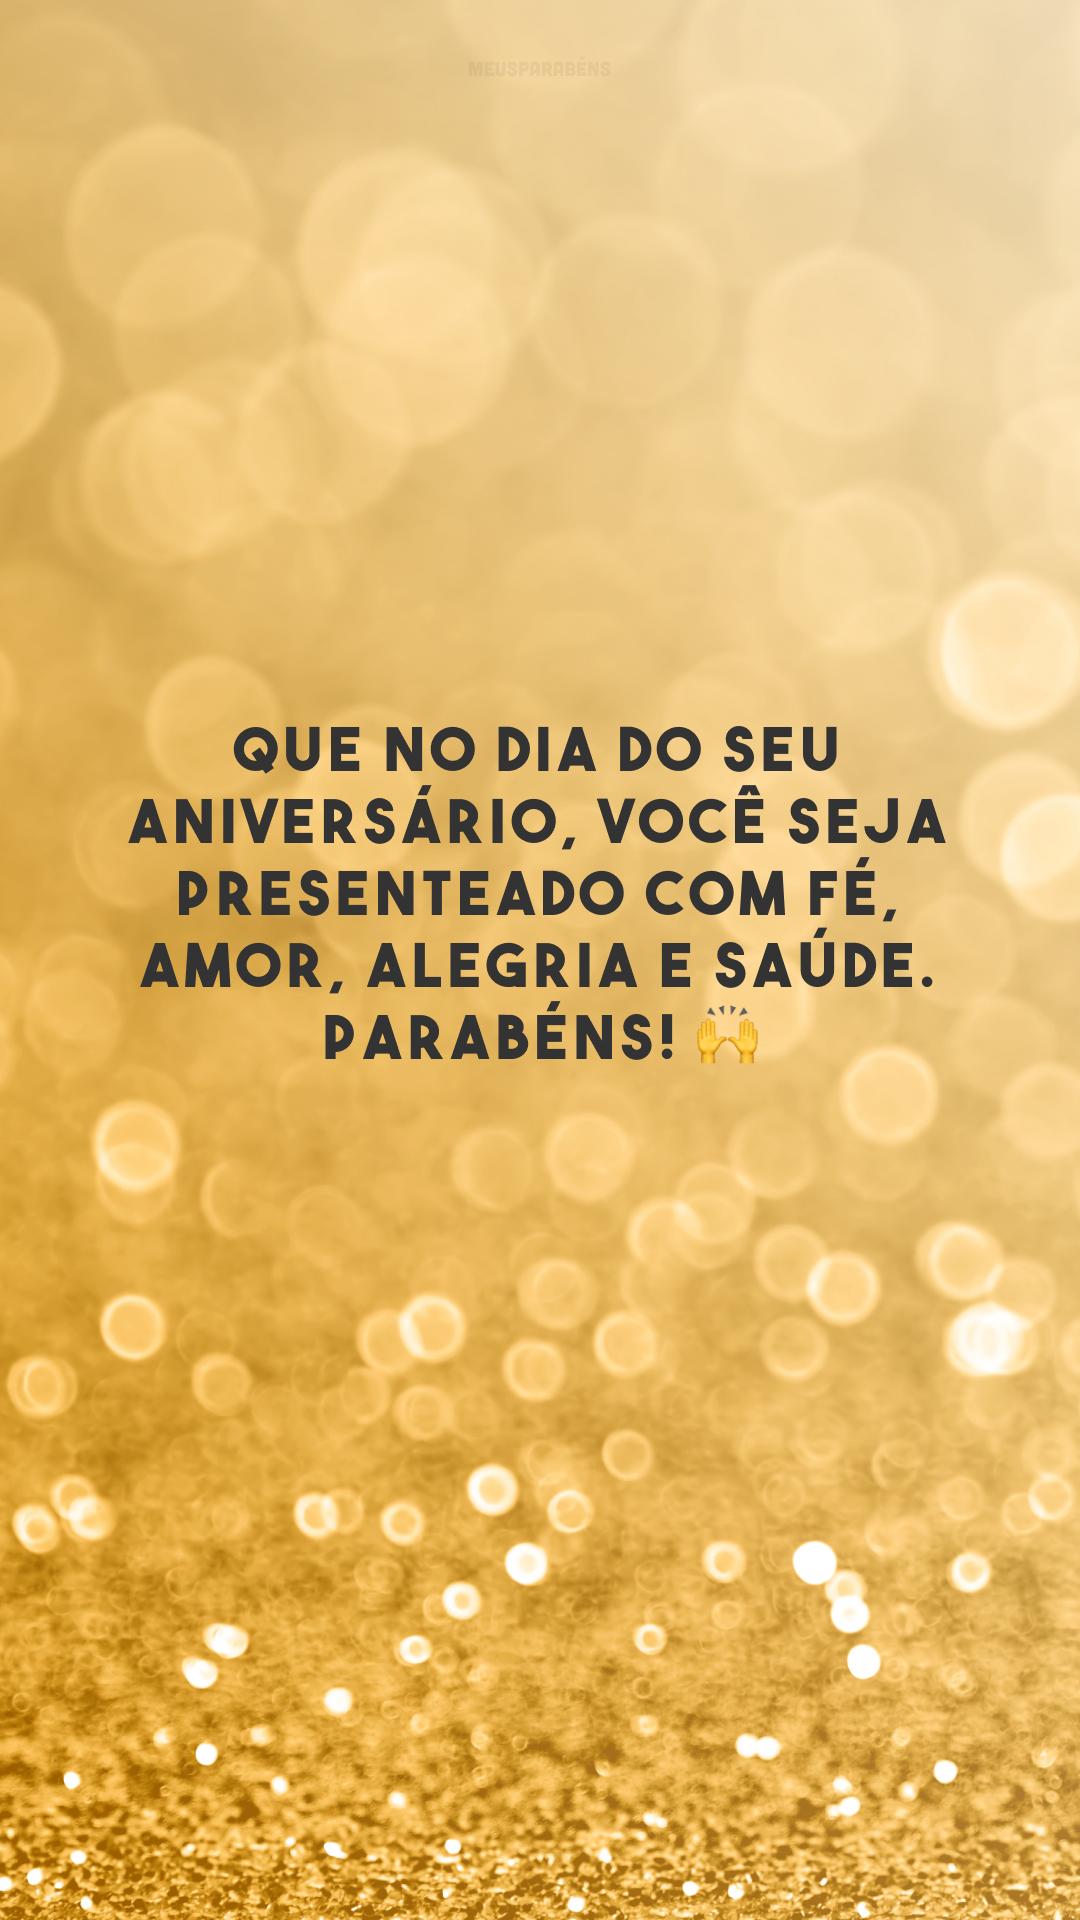 Que no dia do seu aniversário, você seja presenteado com fé, amor, alegria e saúde. Parabéns!